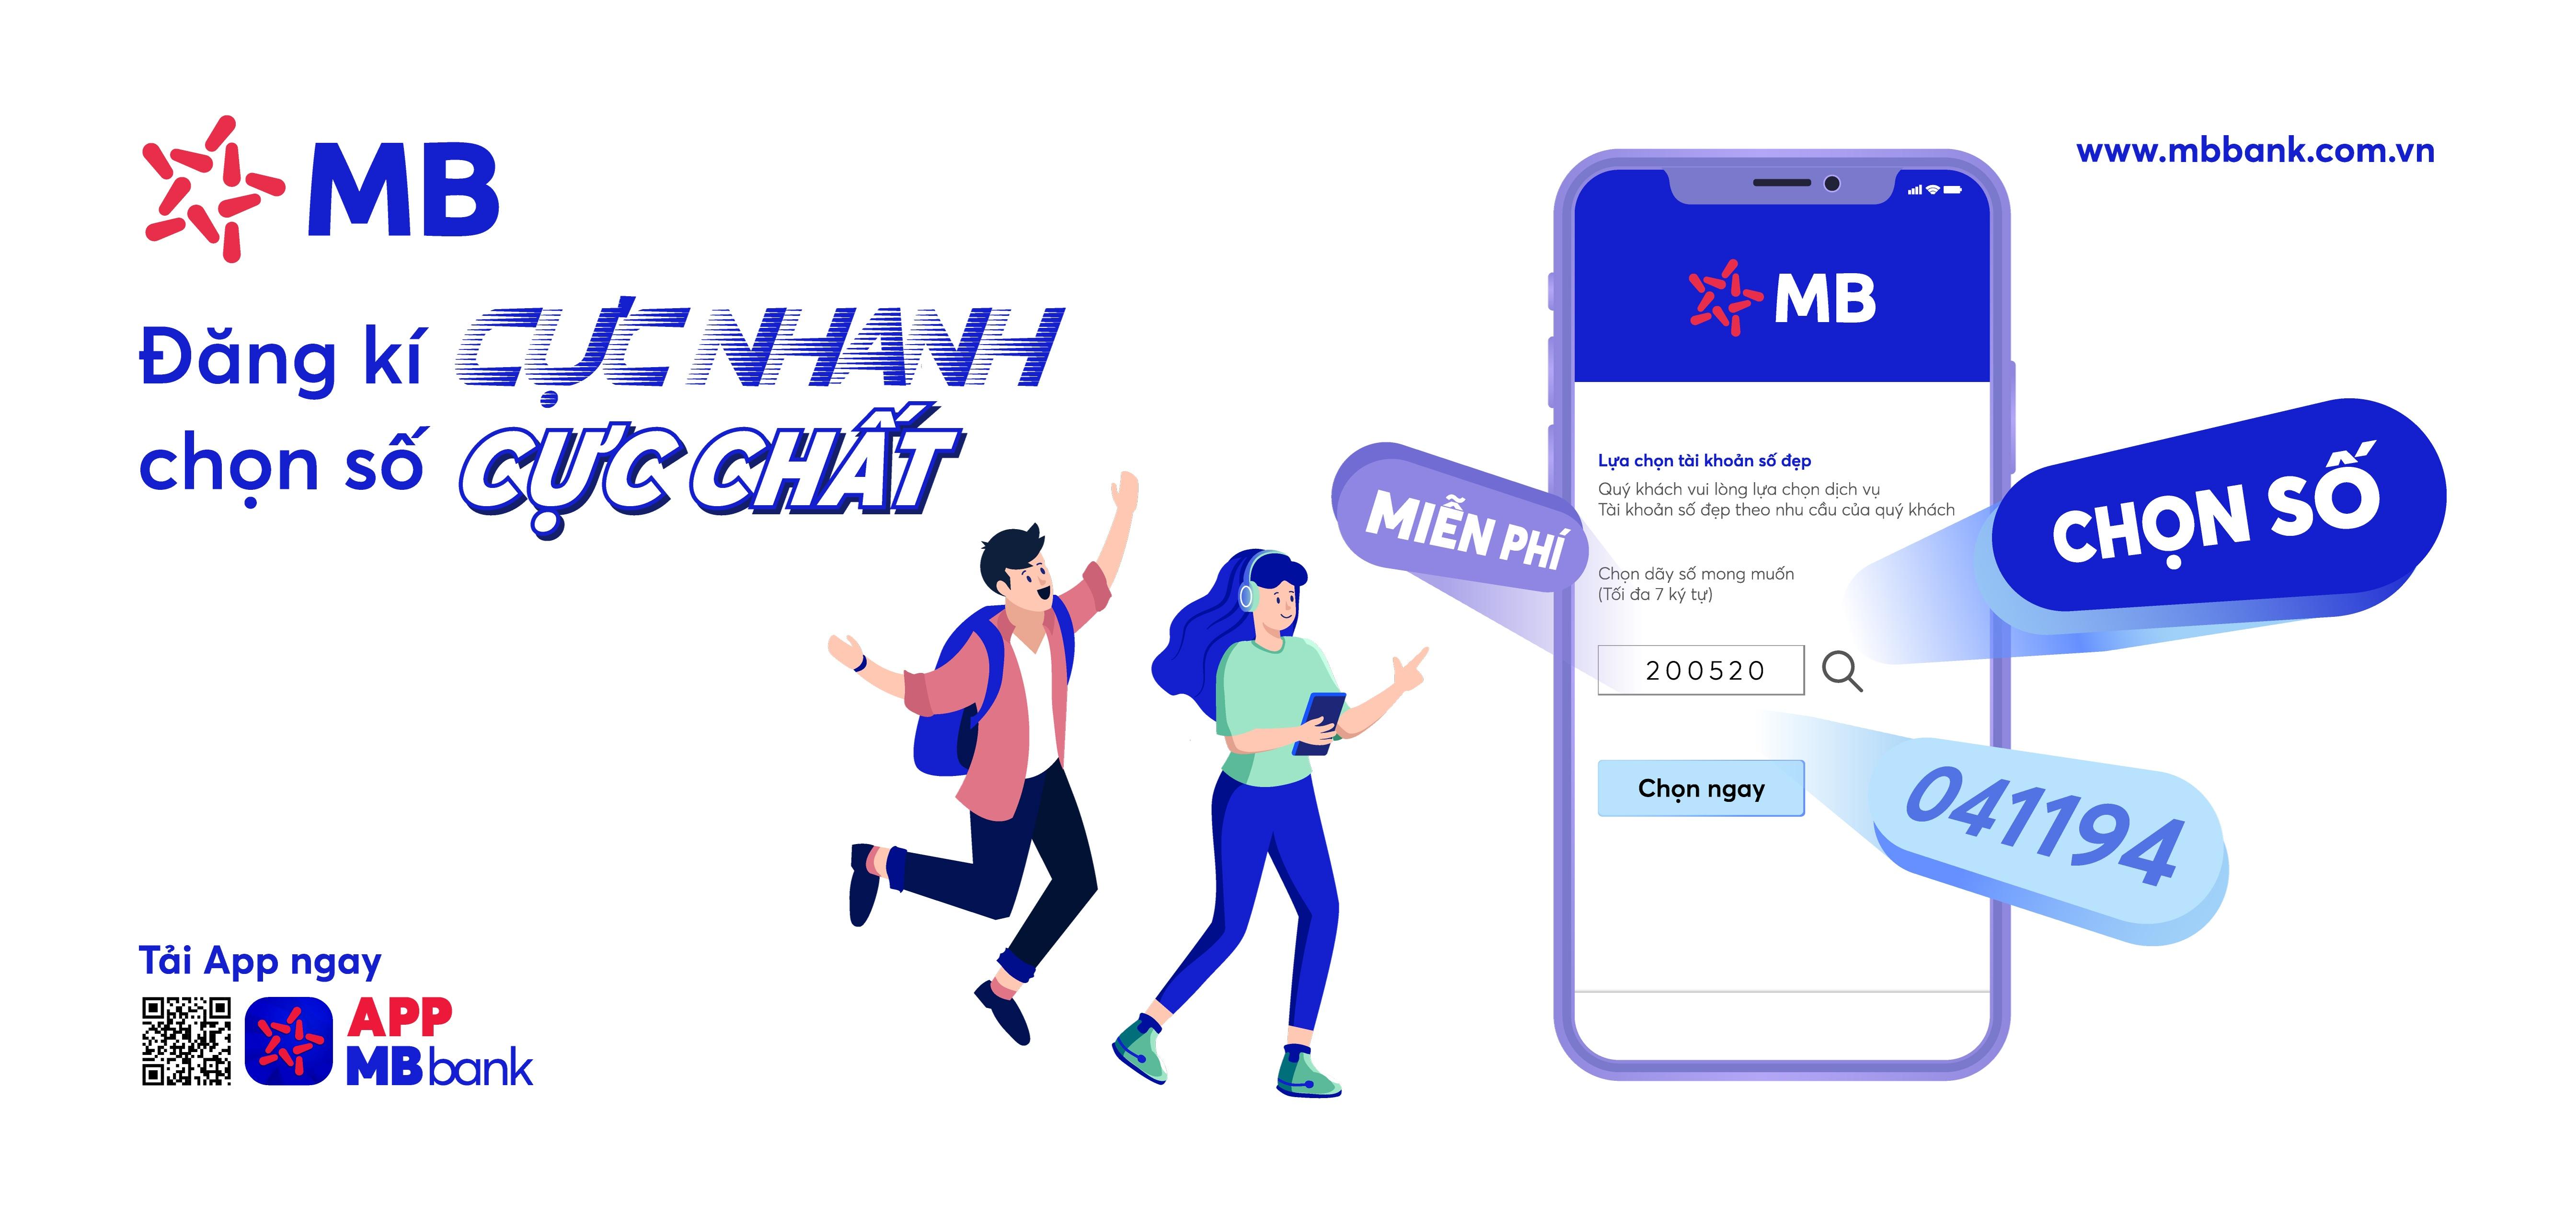 nam bat tam ly chuong so tai khoan dep mbbank vuon len top 1 app store